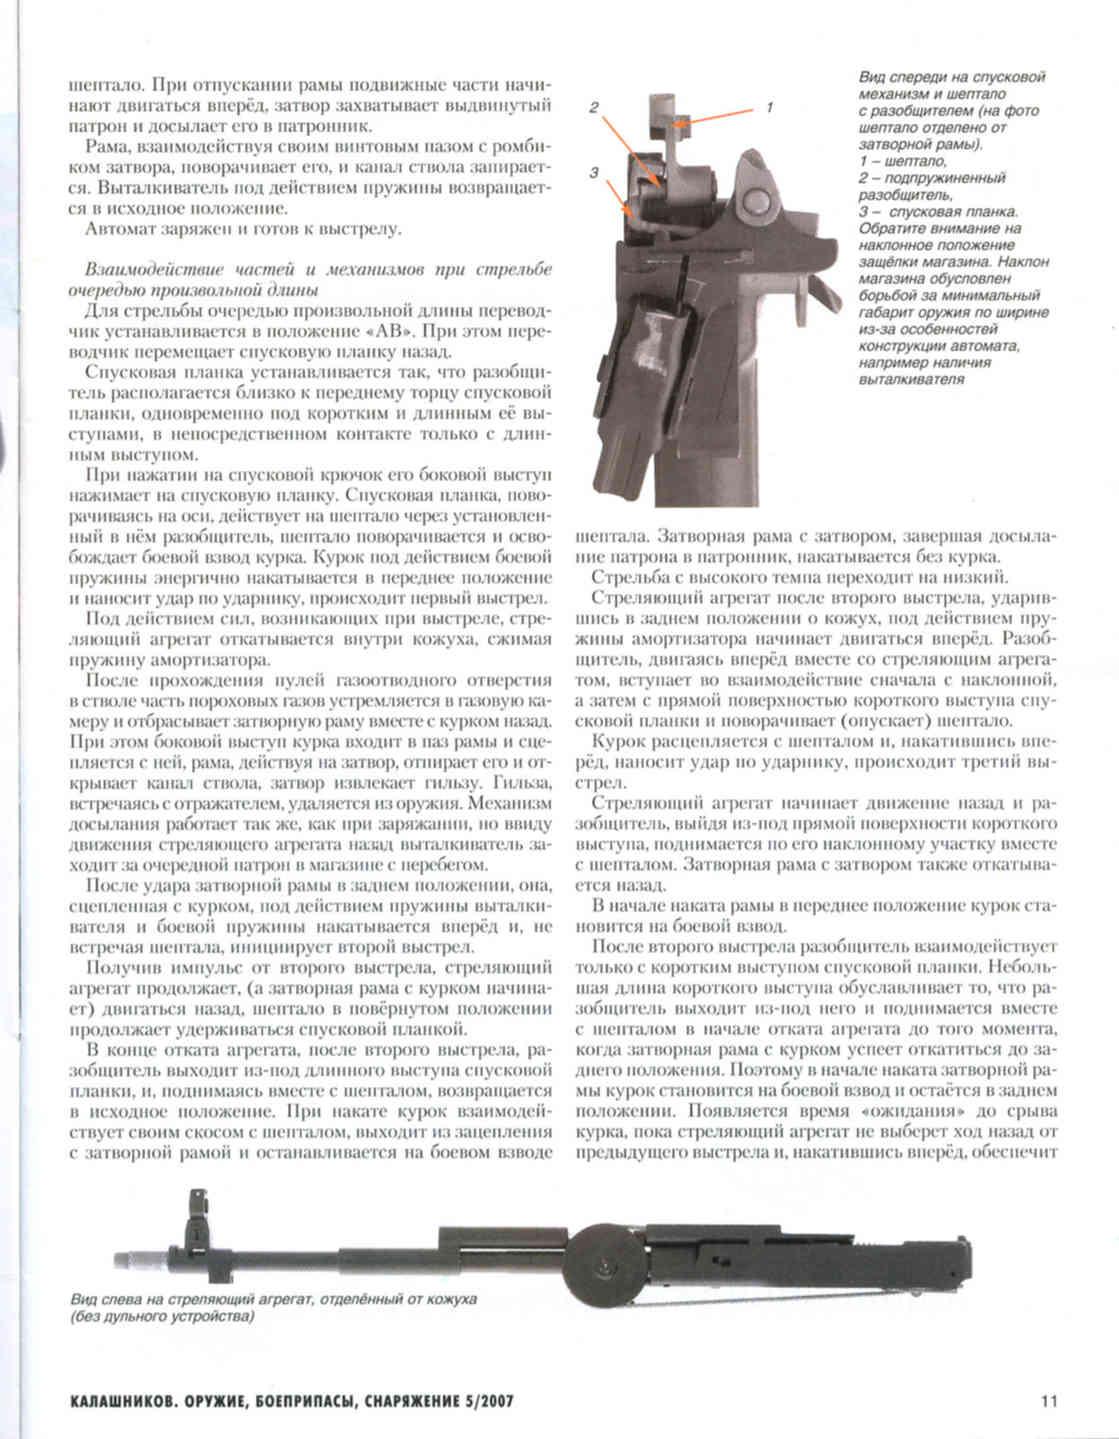 Ан-94: зачем в автомате русского спецназа колесо | русская семерка